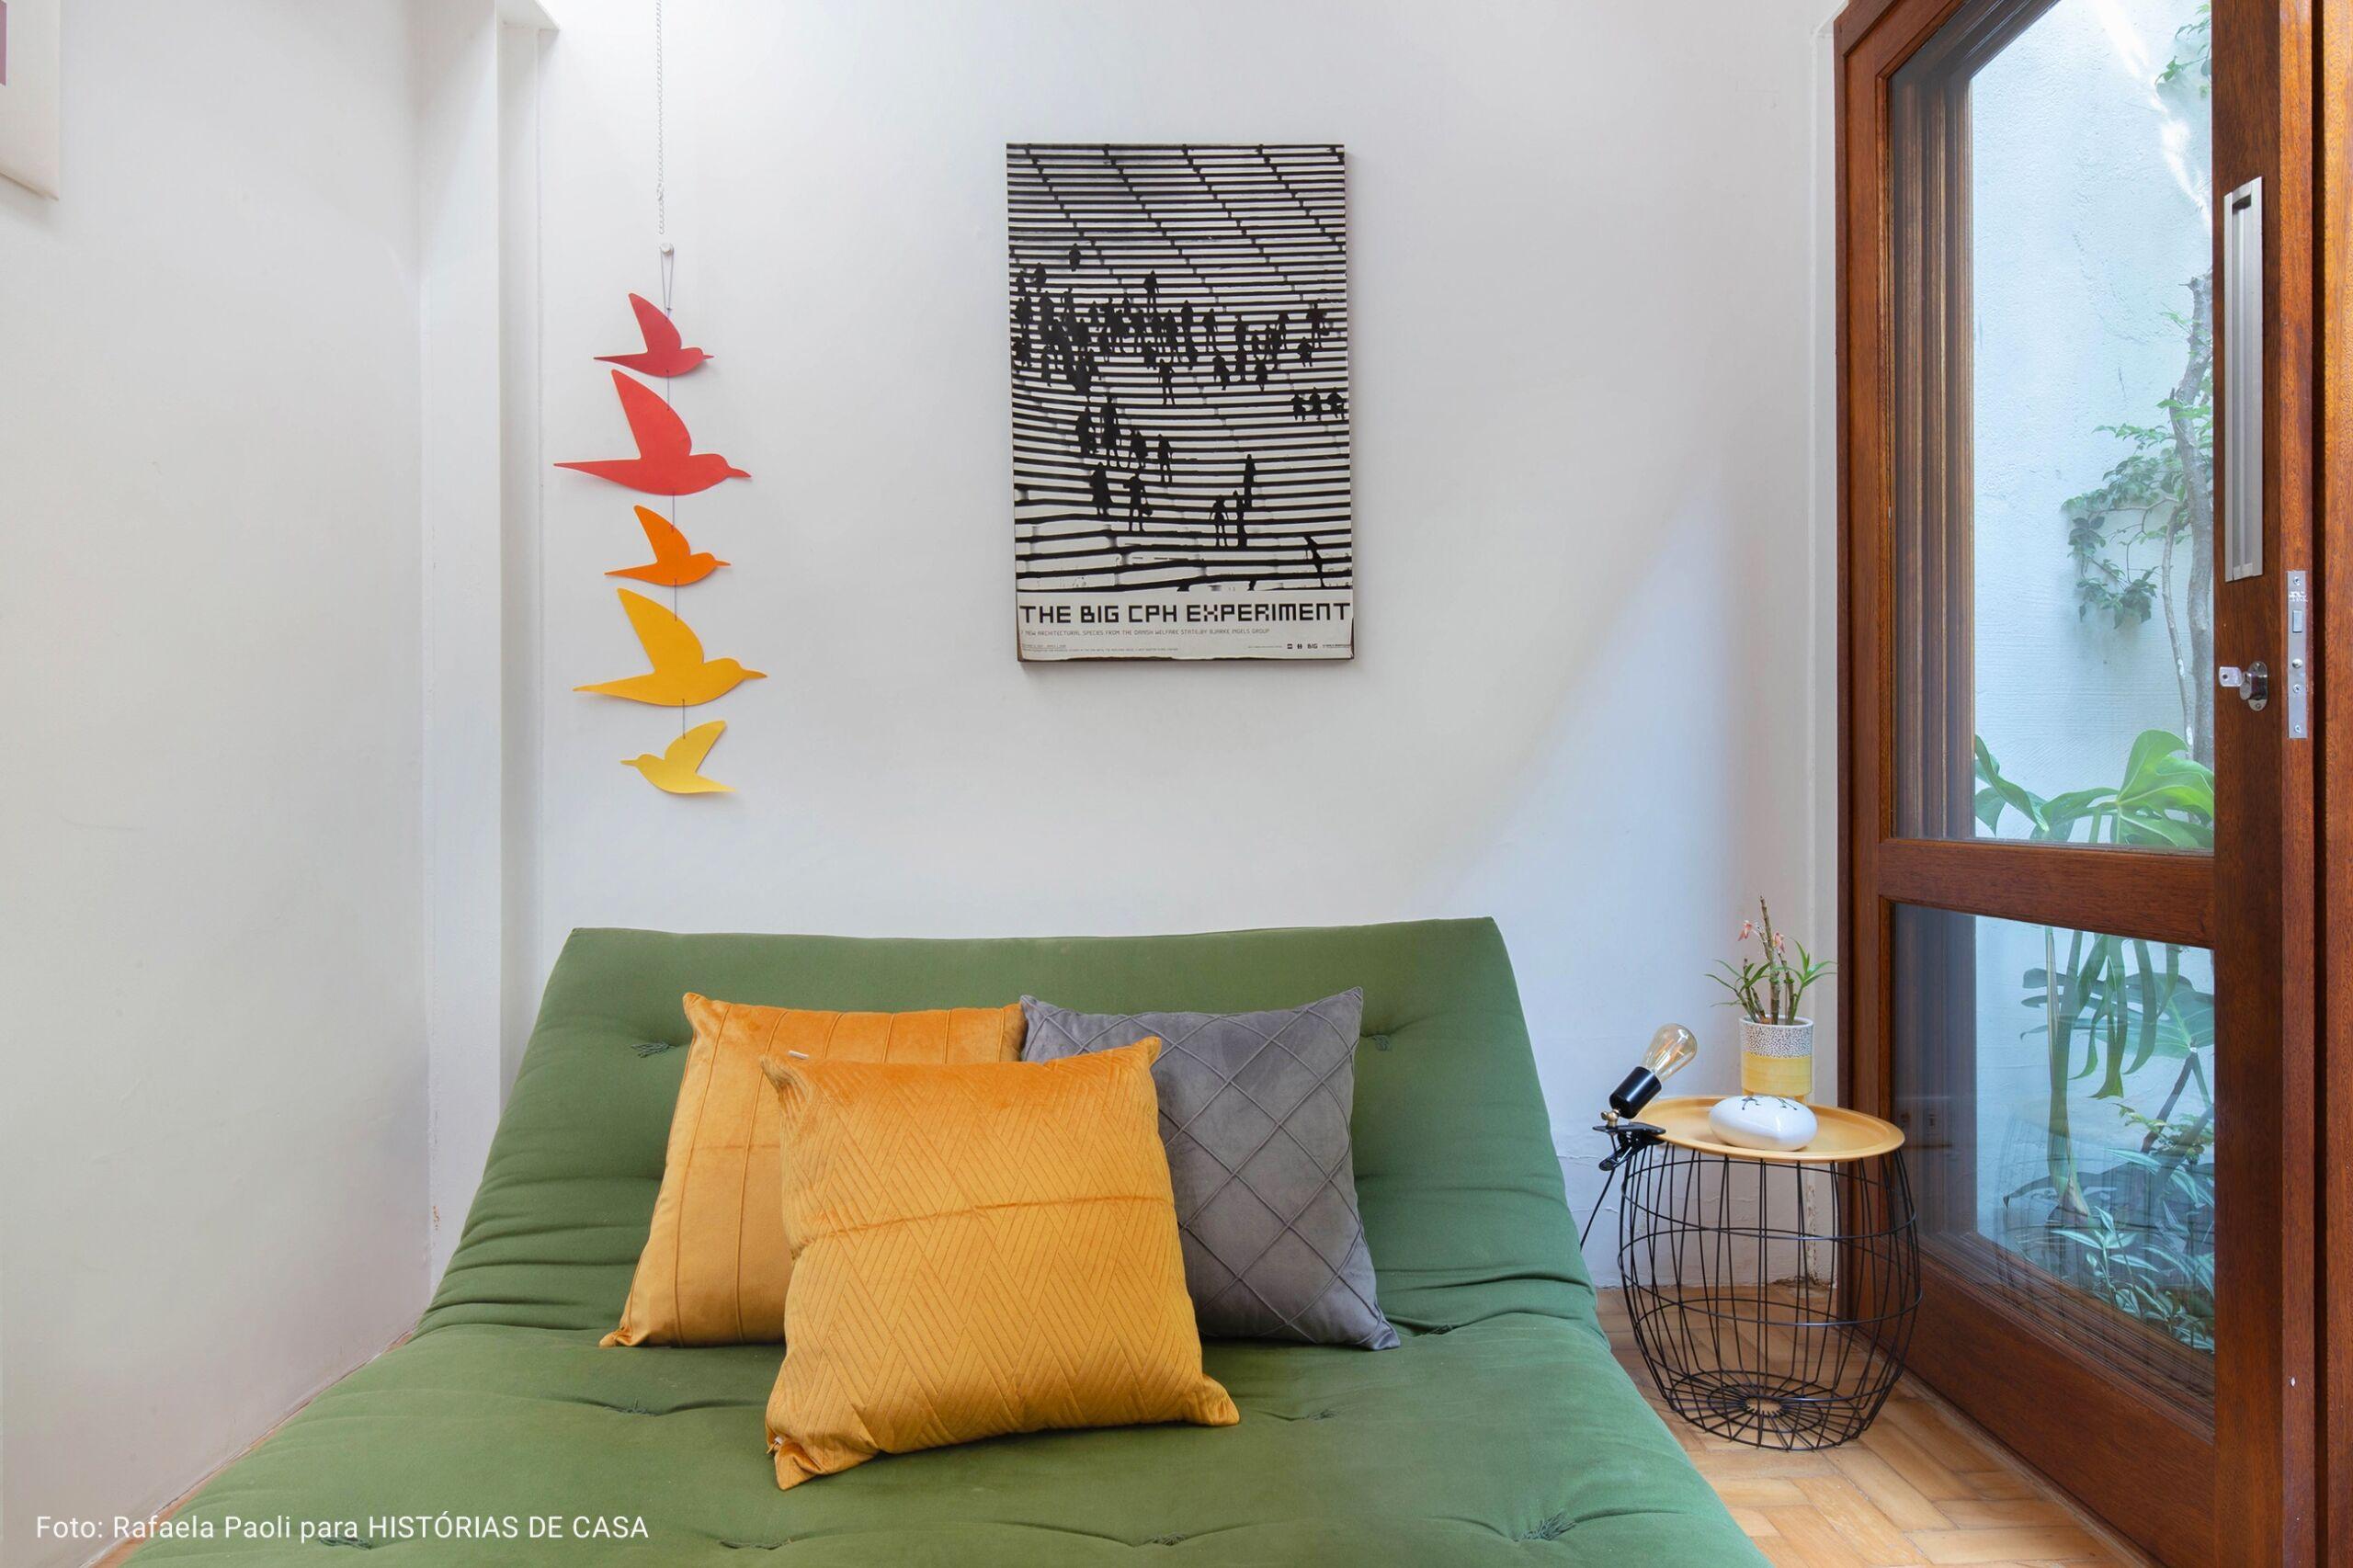 detalhe sala de televisão com escultura pássaros